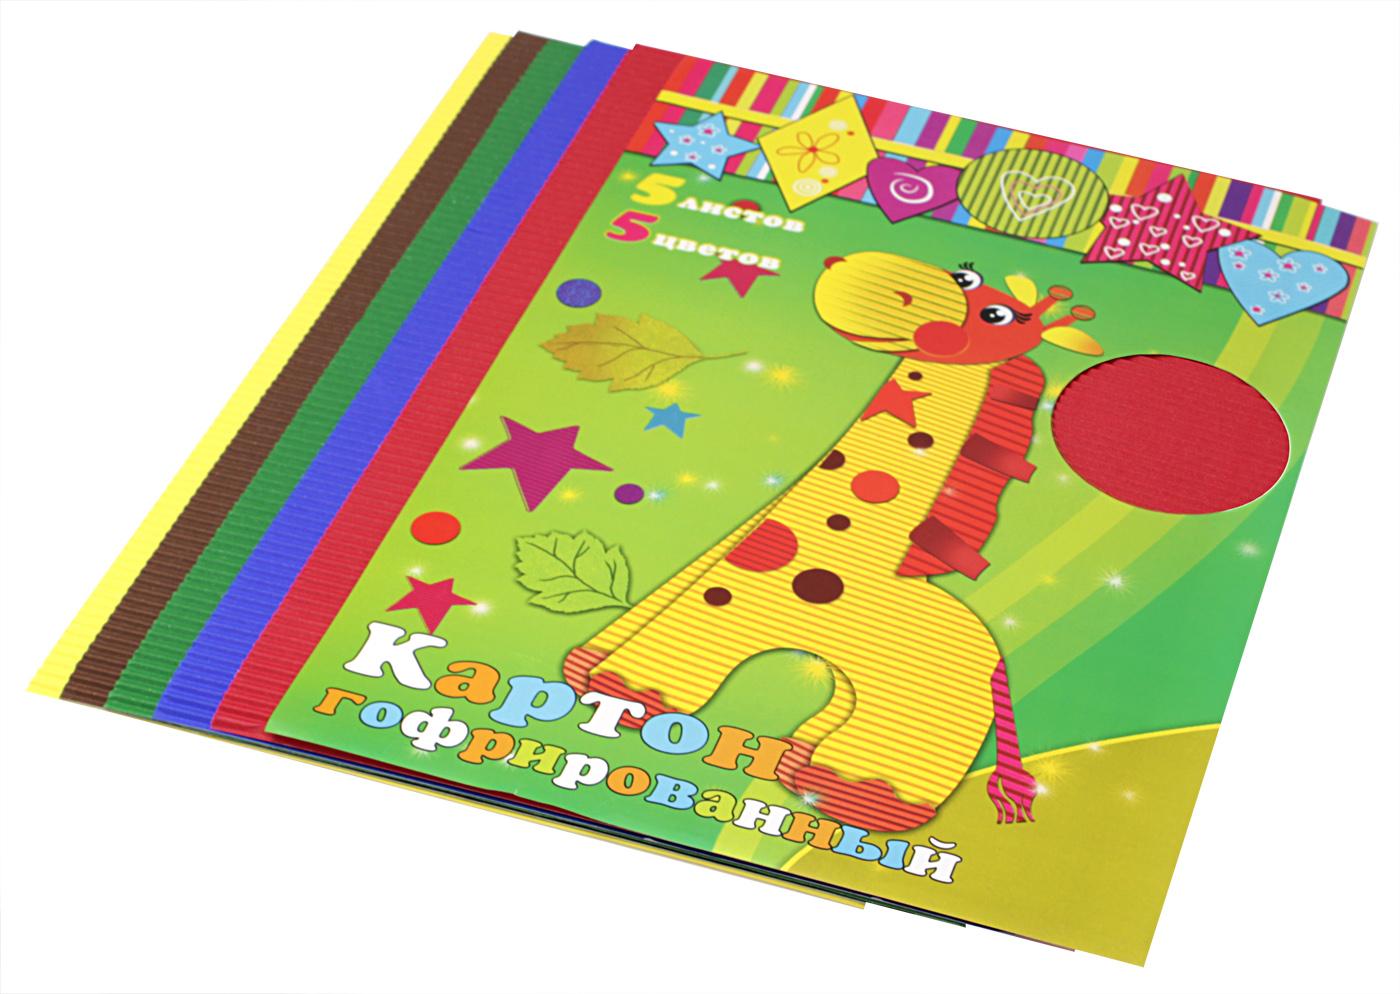 Феникс+ Гофрированный цветной картон 5 листов7712875Набор гофрированного цветного картона Феникс+ позволит создавать всевозможные аппликации и поделки. Набор включает 5 листов гофрированного двухстороннего картона формата А4. Цвета в наборе: малиновый, оранжевый, желтый, зеленый, синий.Гофрированный картон может использоваться для упаковки, поделок, декорирования и других видов творчества. Толщина картона: 1 мм.